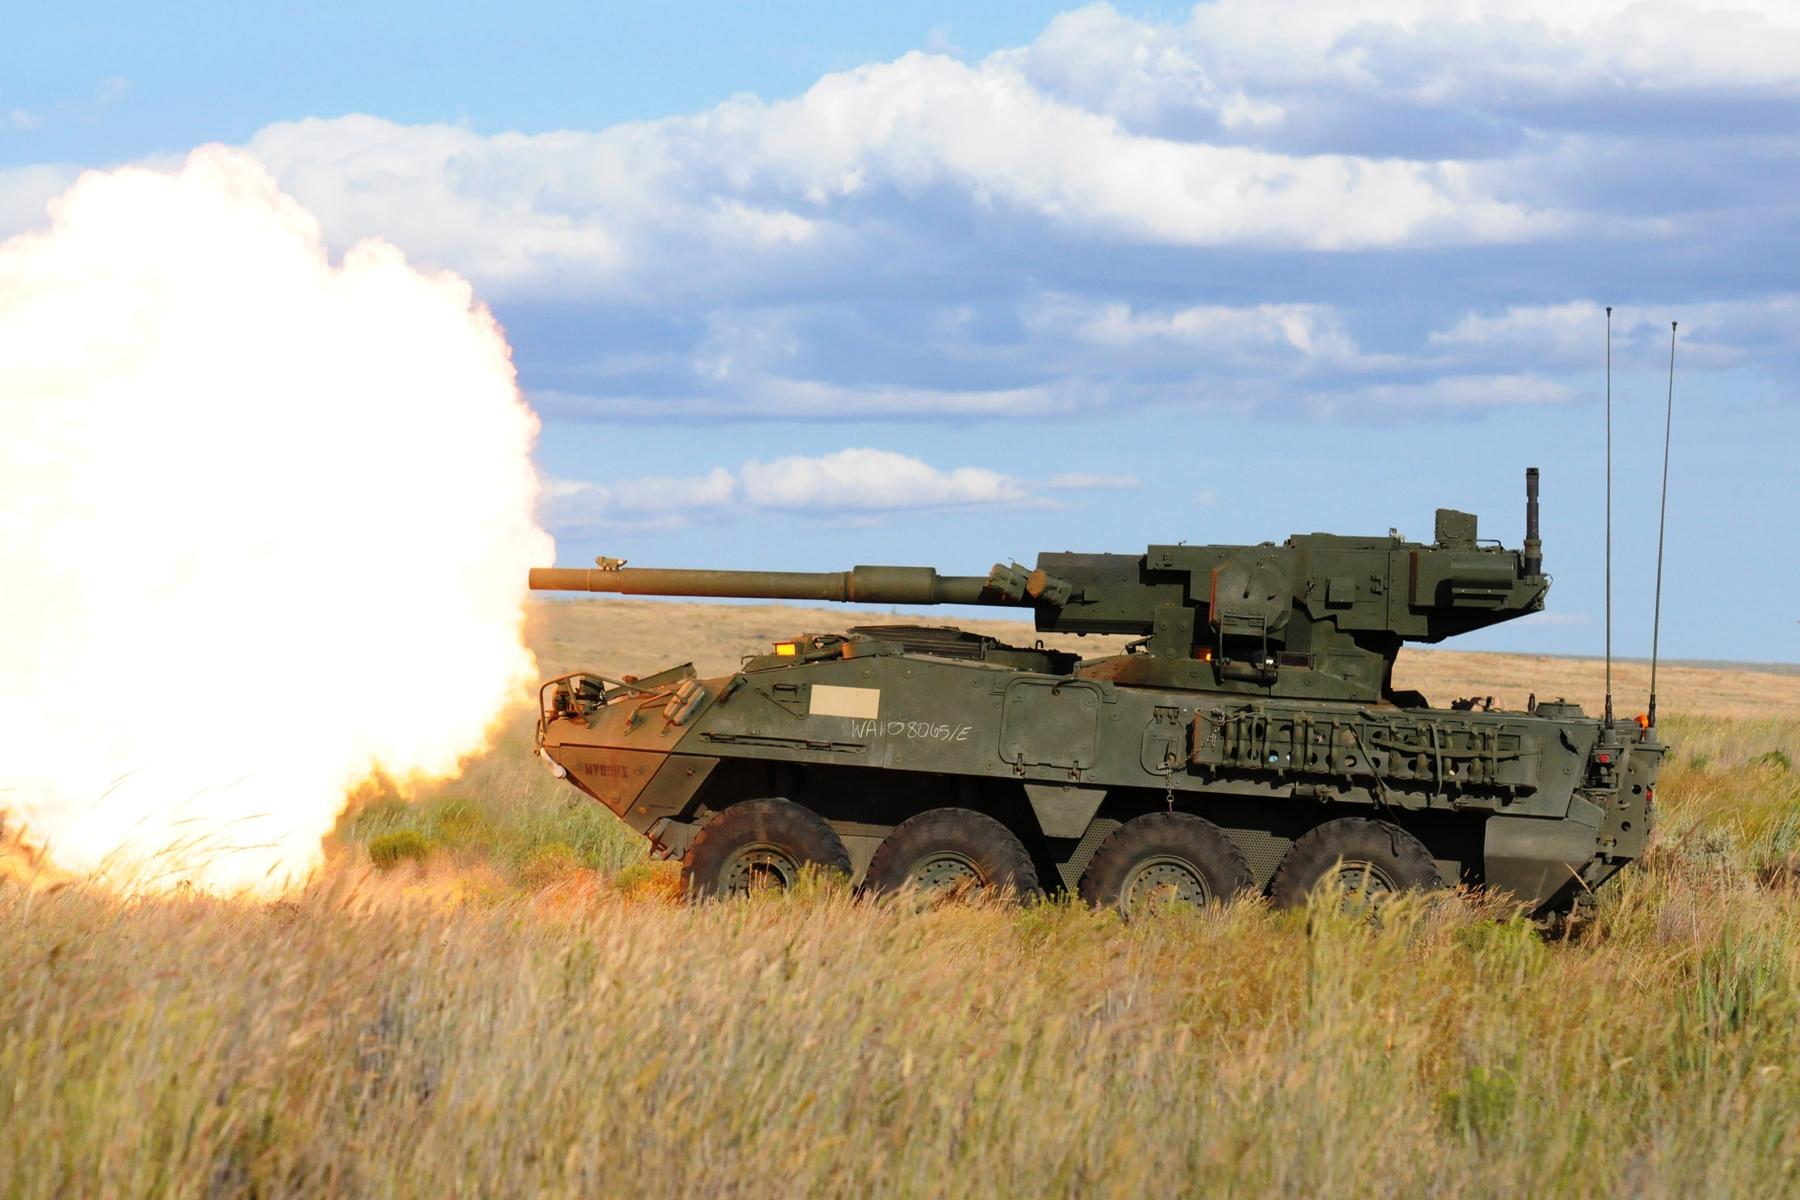 dvids-Stryker-mobile-gun-system-1800.jpg